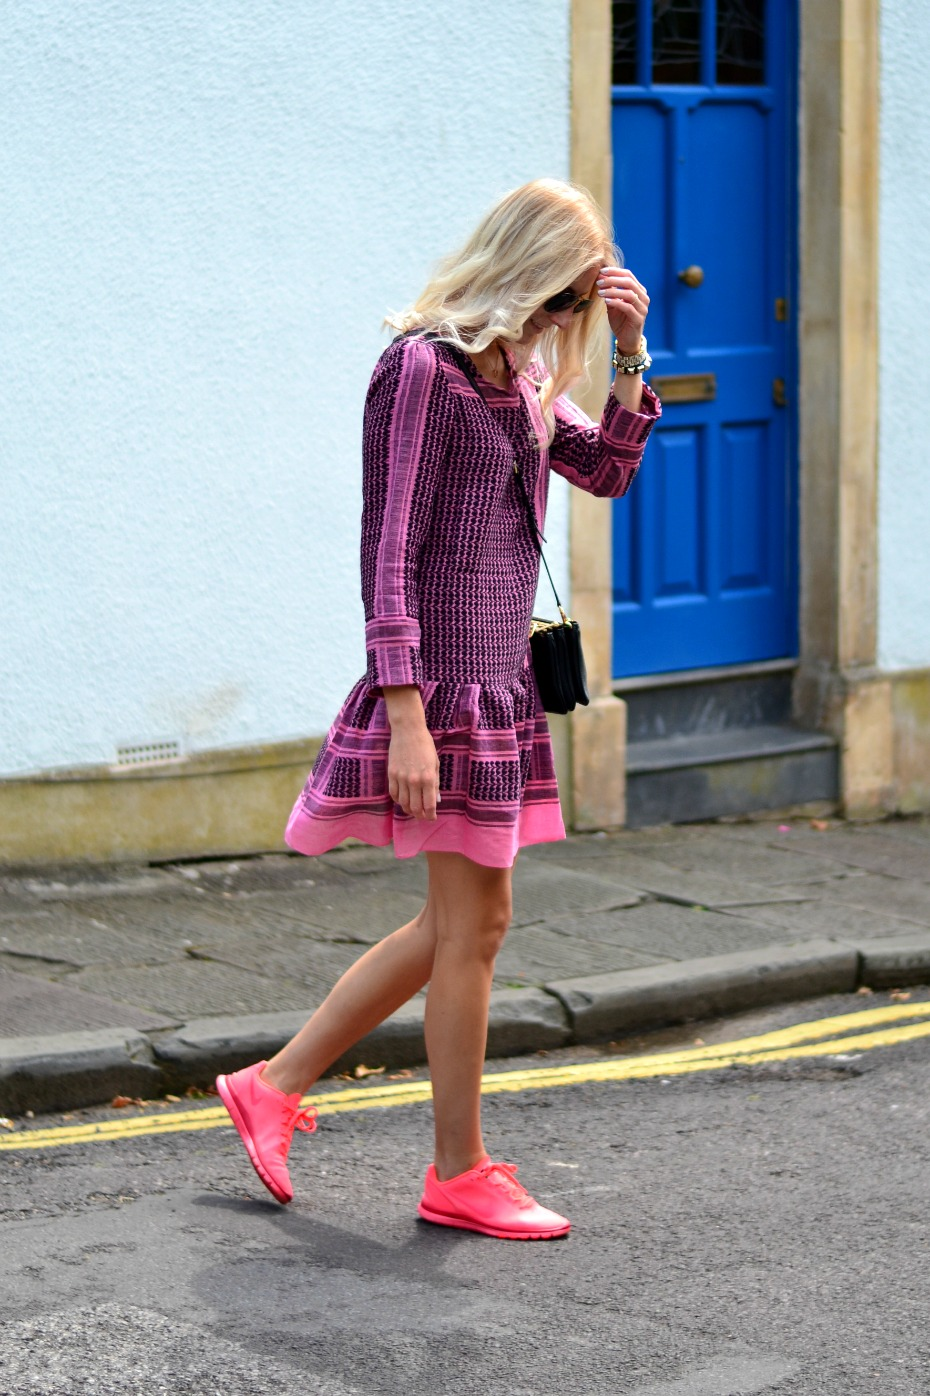 diy partisaner kjole_nike free neon pink1